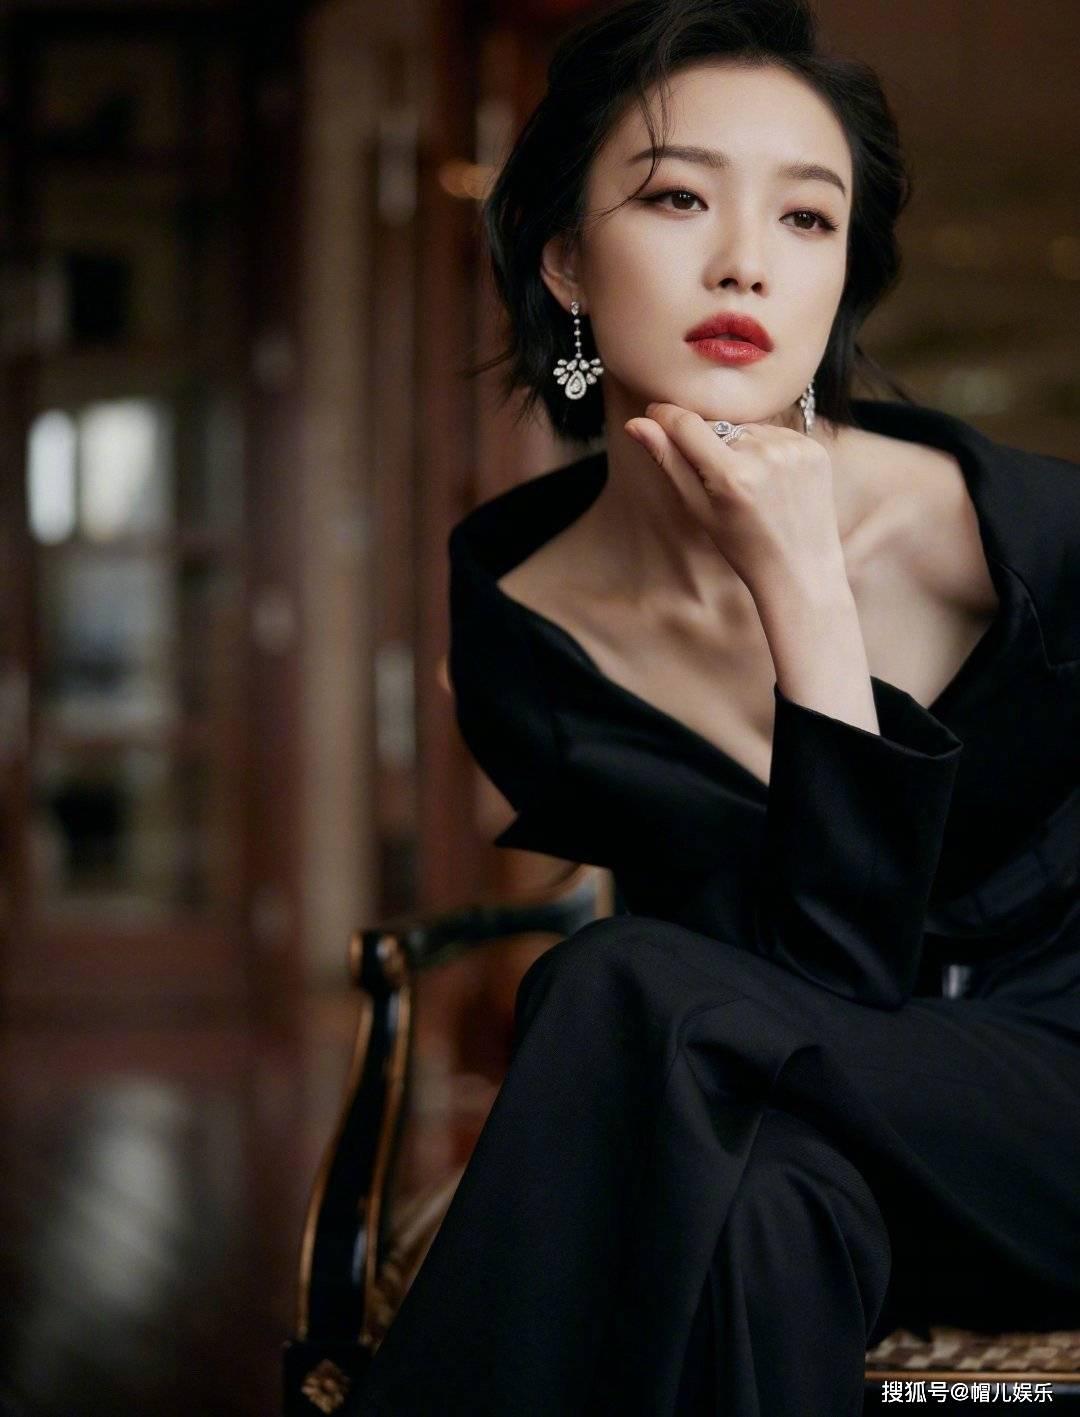 倪妮最新活动造型,性感红唇搭配深V黑色礼服,又美出了新高度